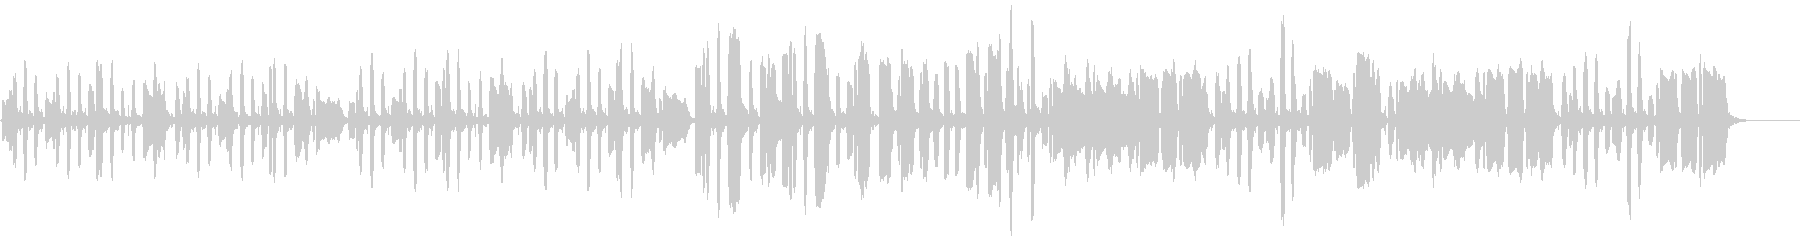 リコーダーのほのぼのBGMの未再生の波形